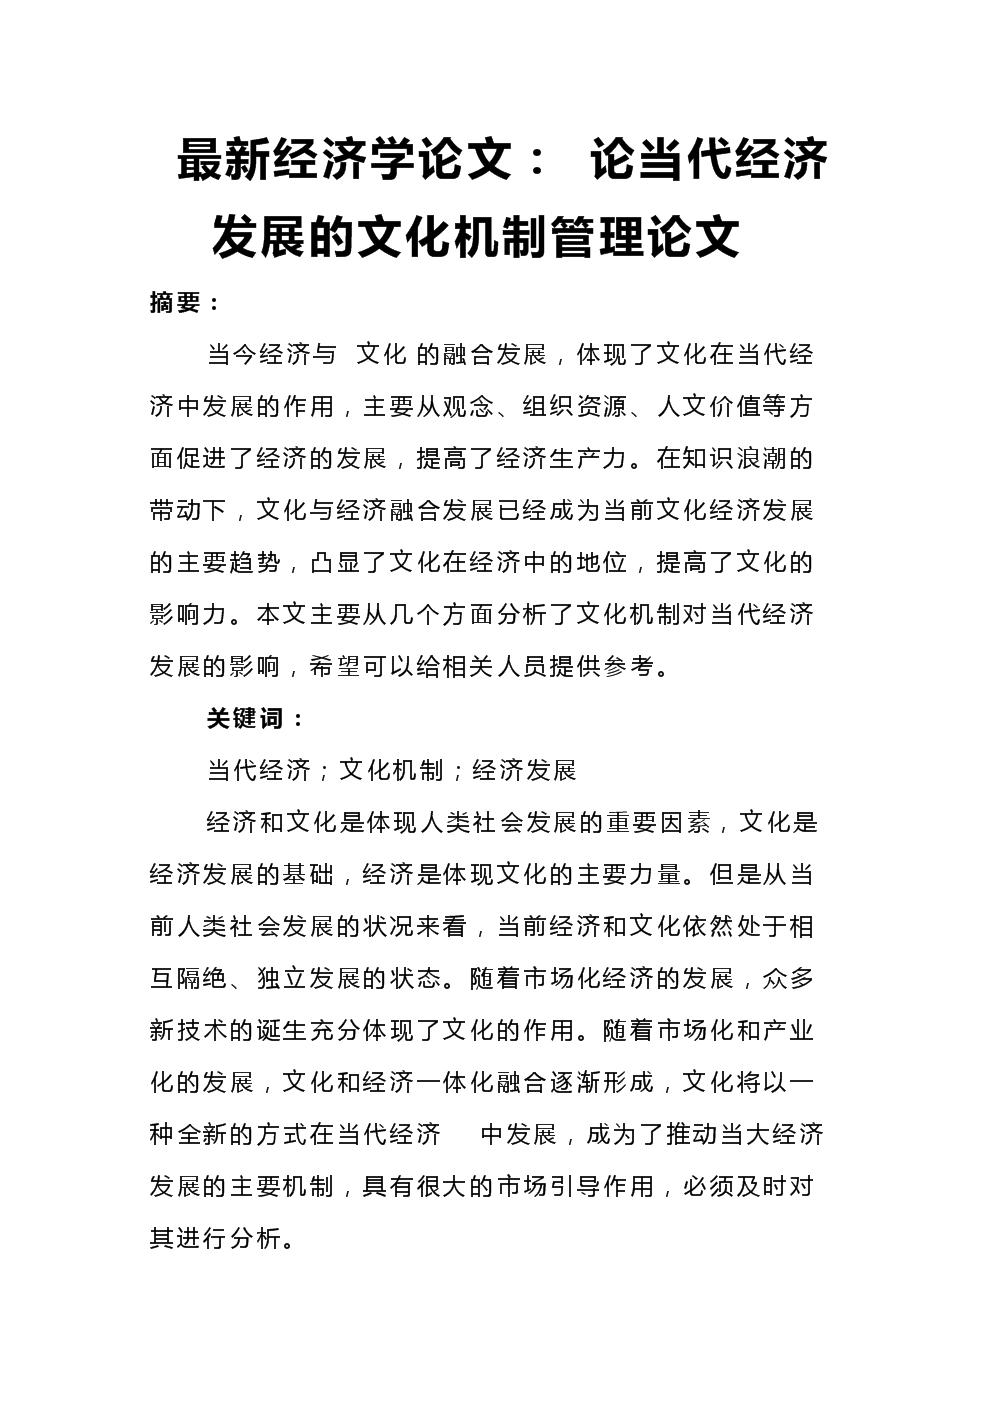 2019经济学论文:论当代经济发展的文化机制管理论文.docx